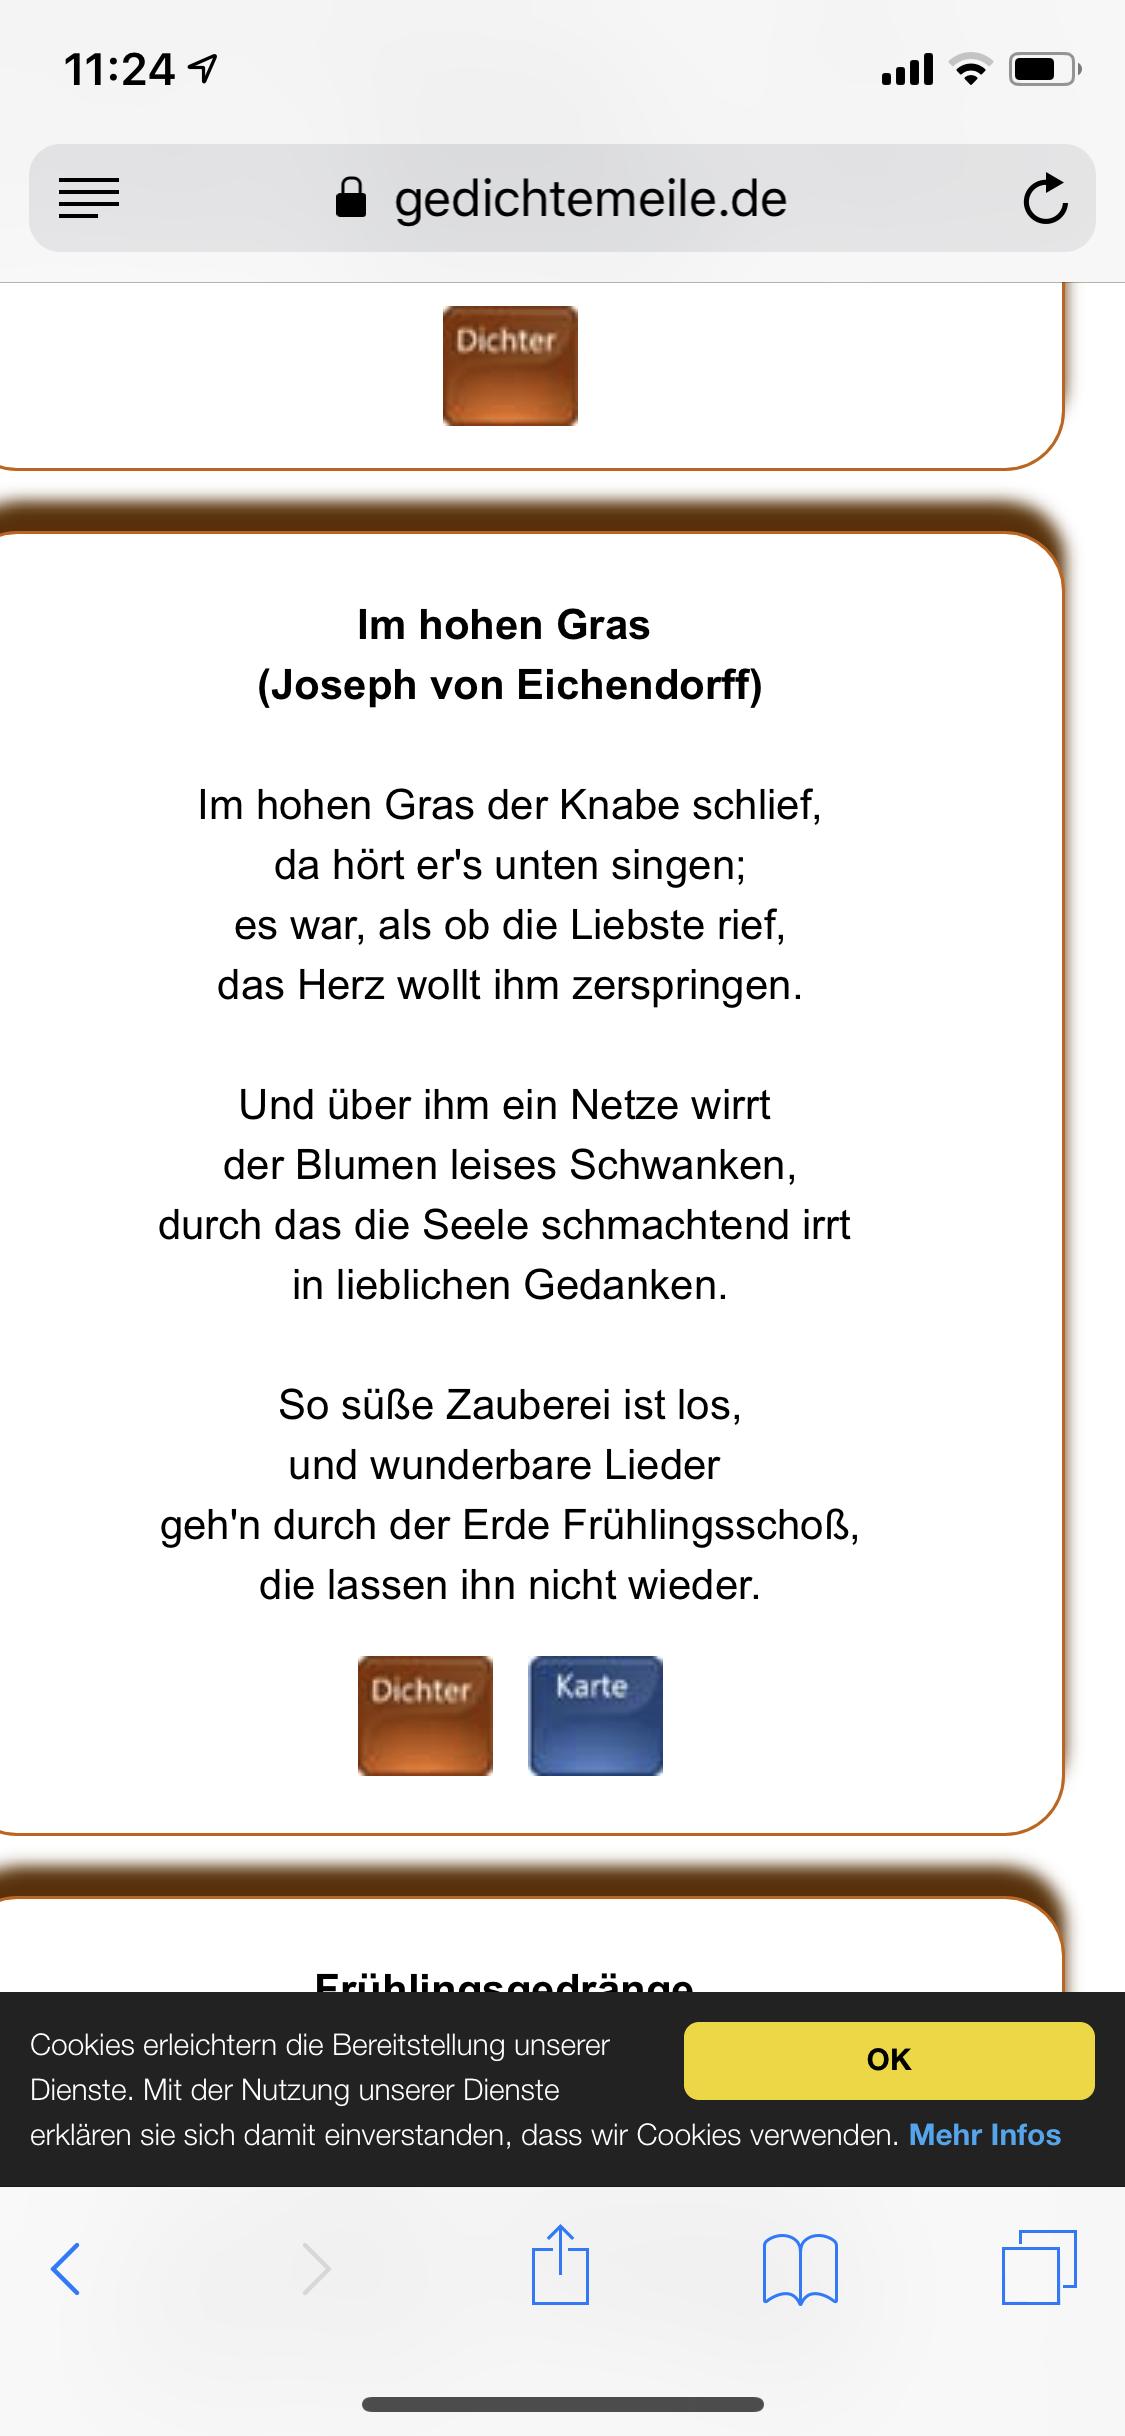 Um Was Geht Es In Diesem Gedicht Von Eichendorff Deutsch